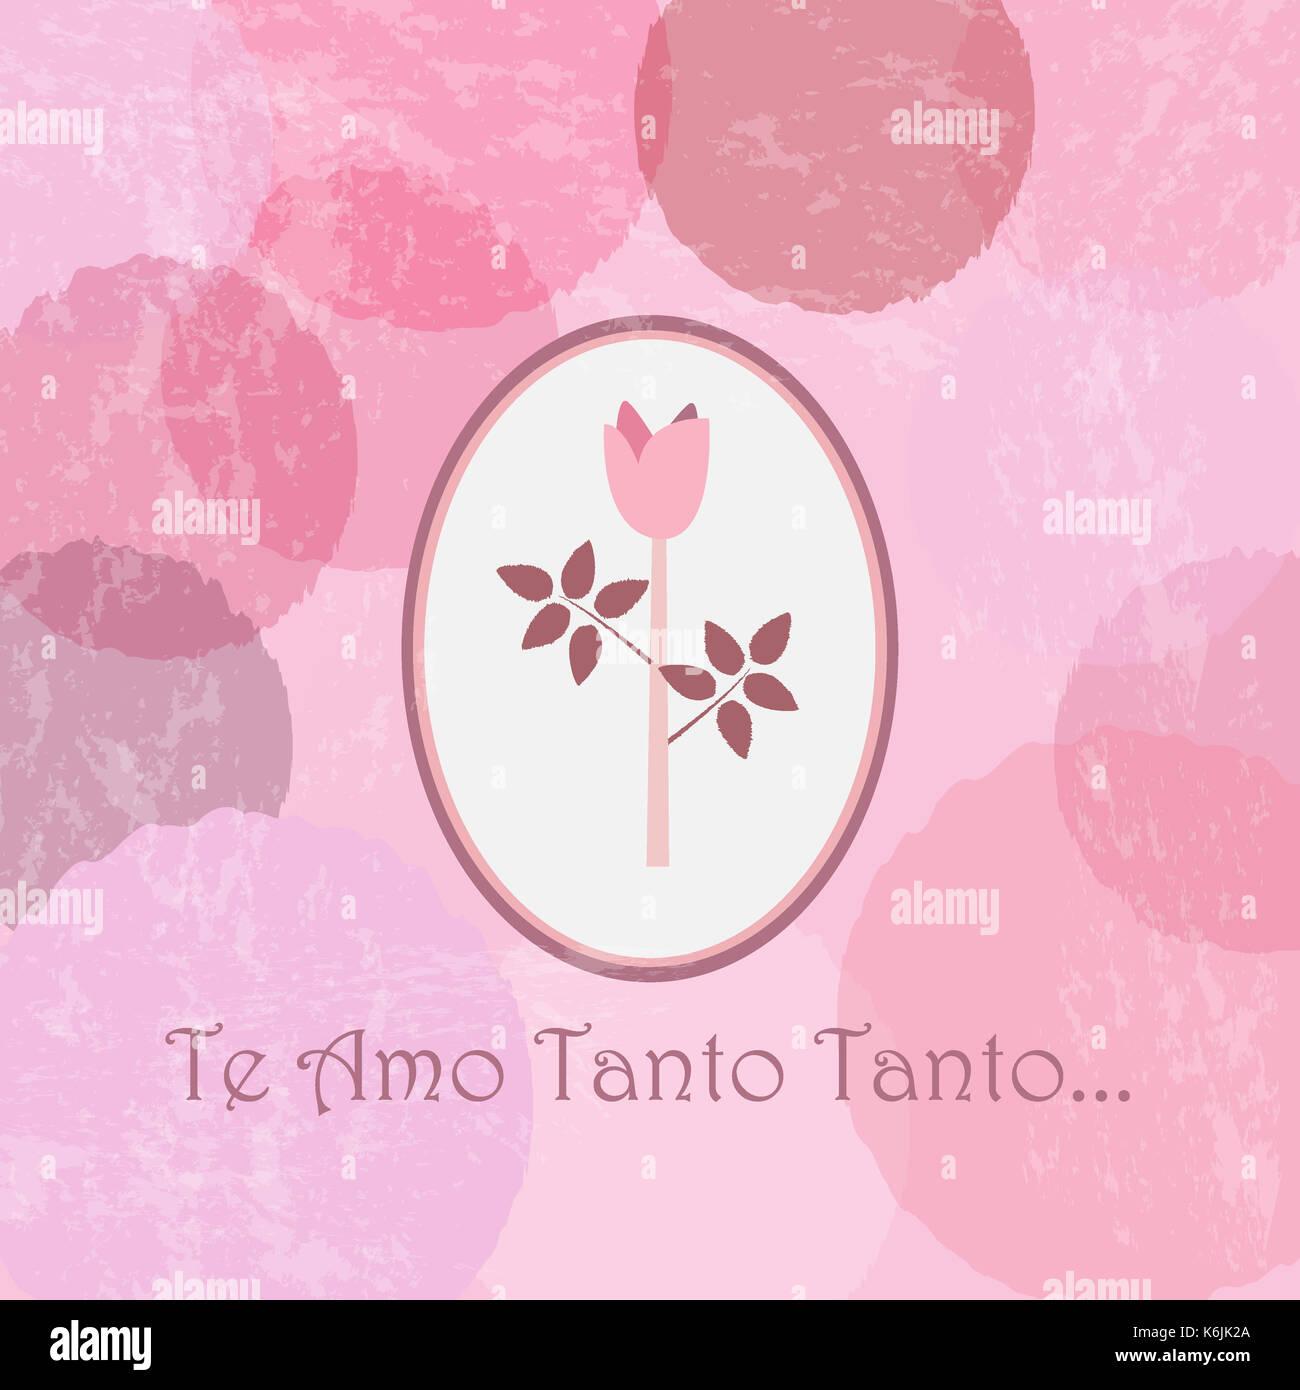 Ich Liebe Dich So So Sehr In Spanischer Sprache. Te Amo Tanto ...